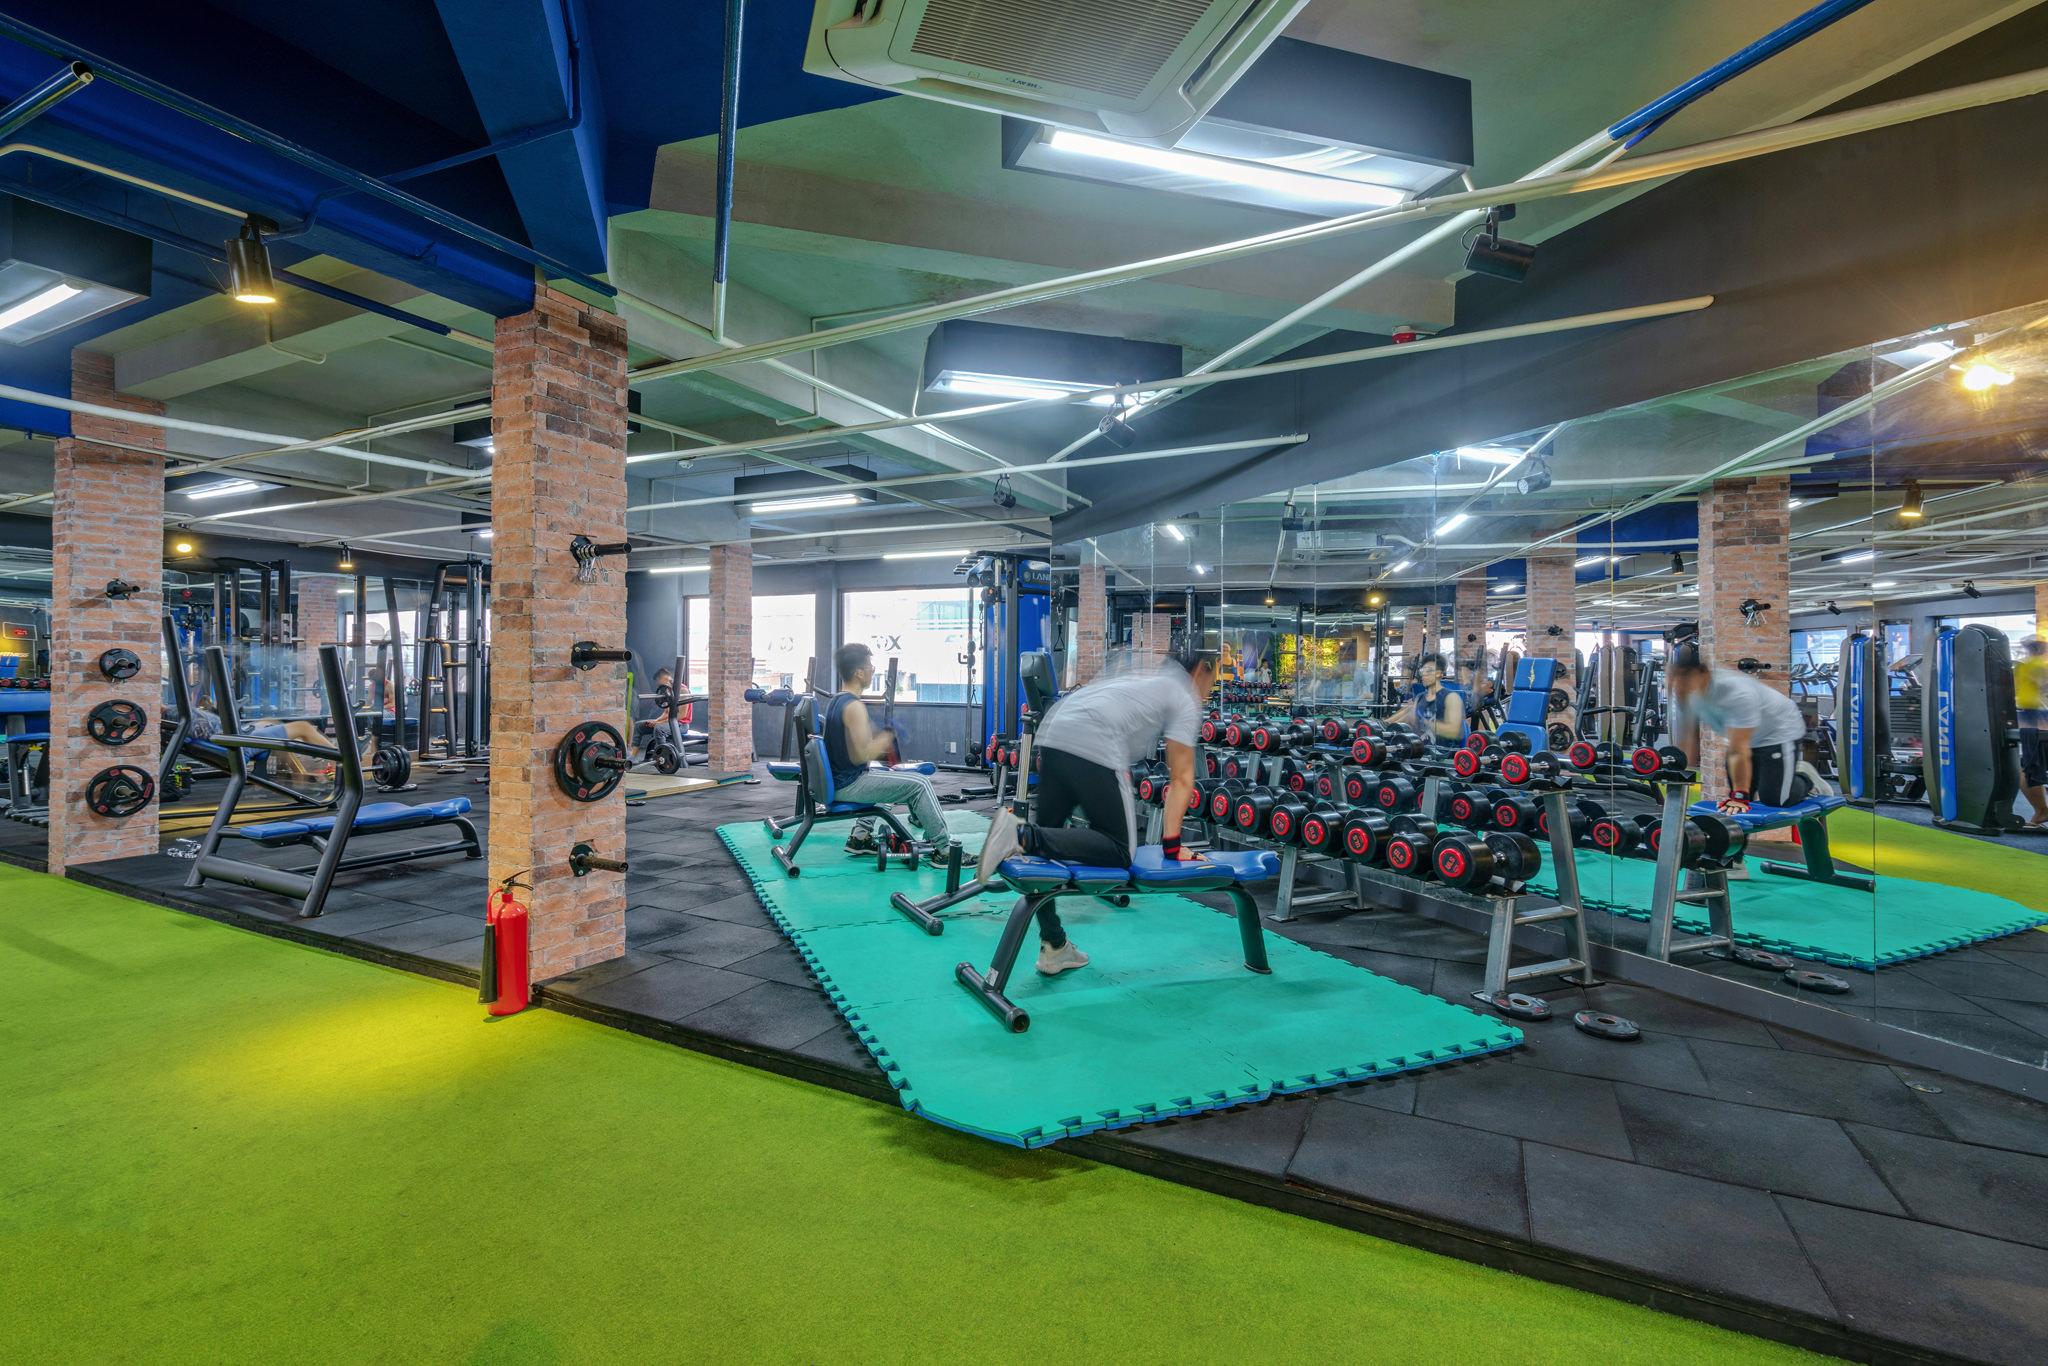 20180504 - Fox fitness - Interior - 27.jpg